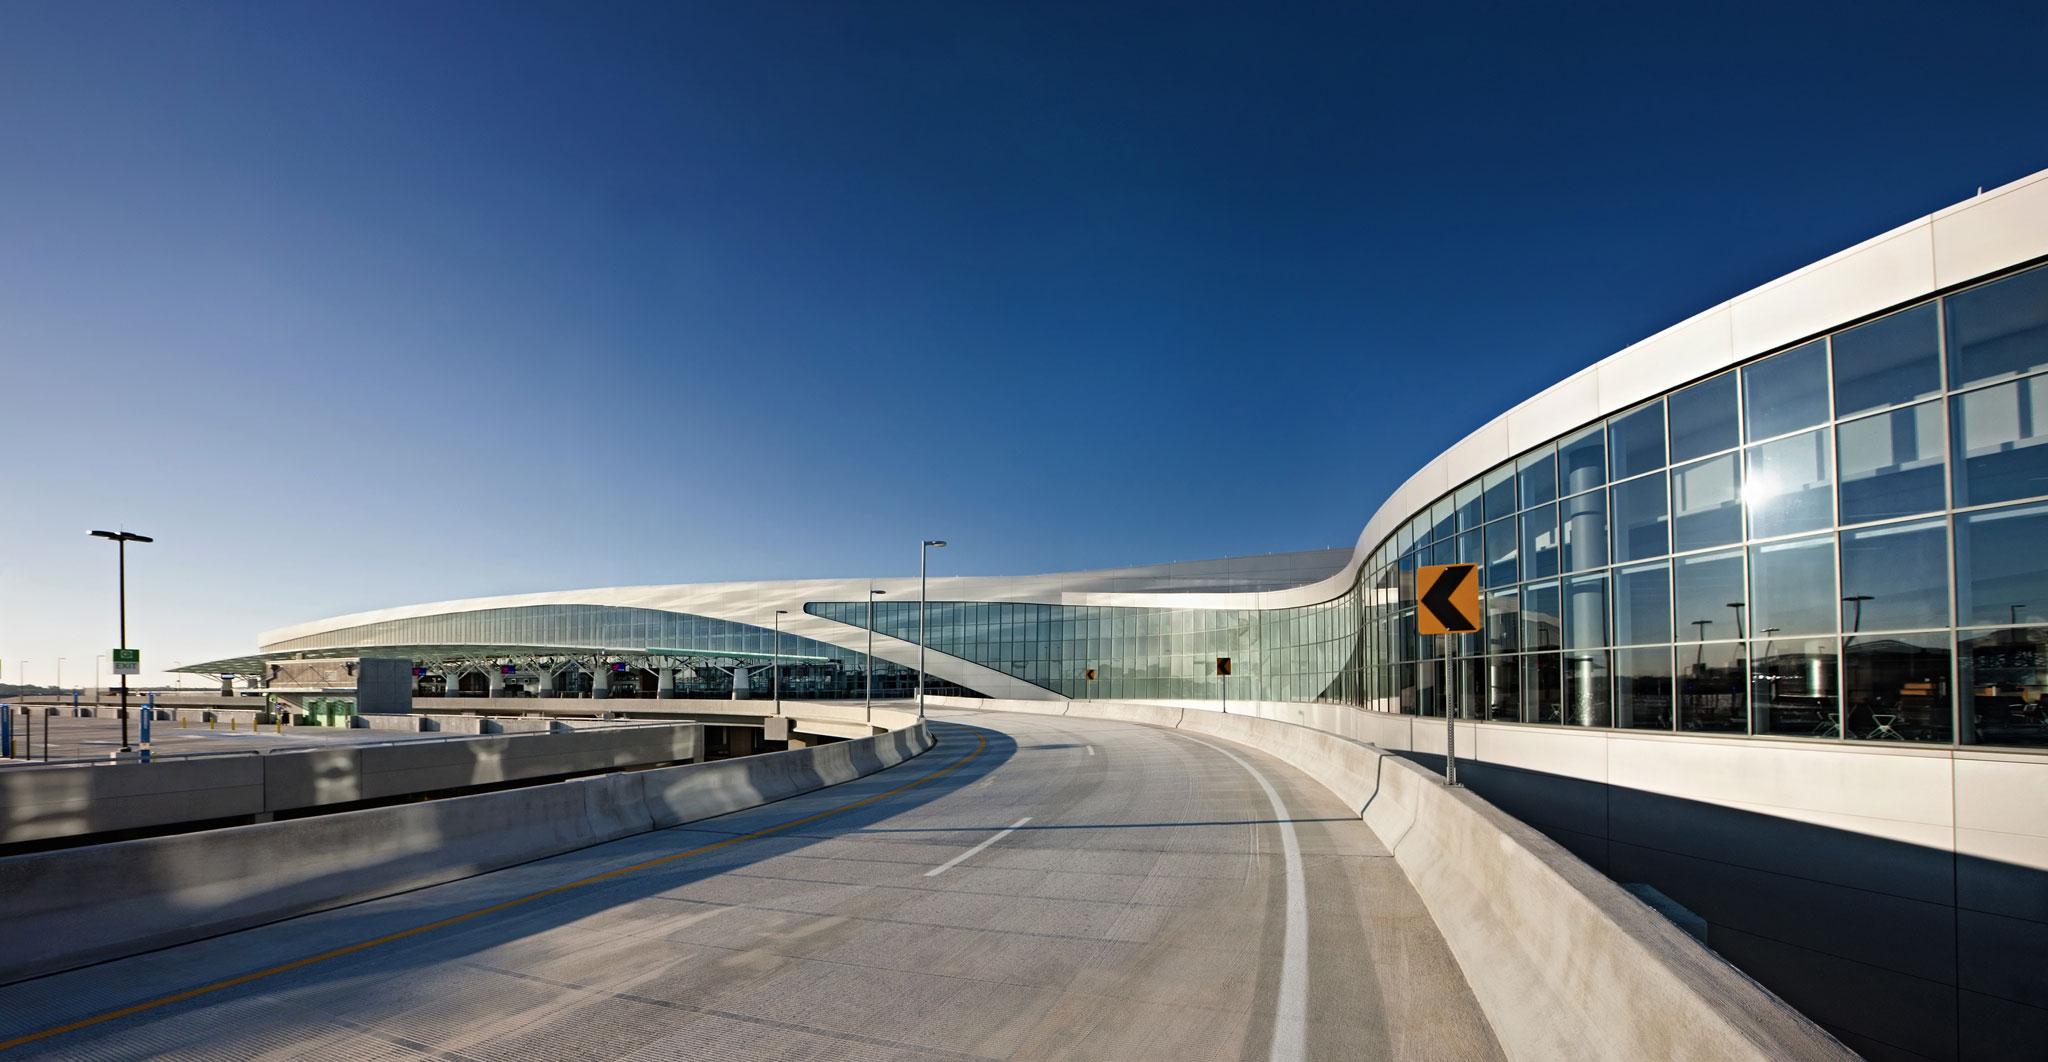 Sân bay Atlanta Hartsfield